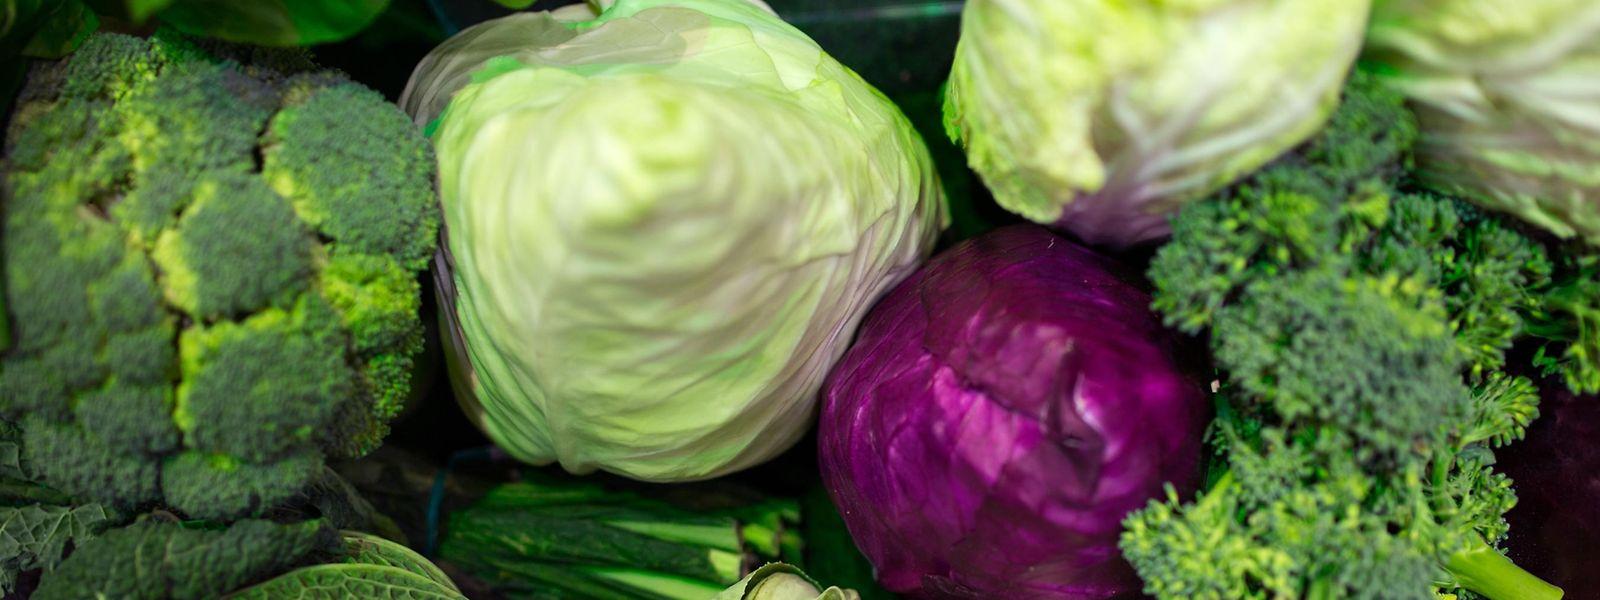 Rotkohl, Weißkohl, Brokkoli: Im Winter wird traditionell Kohl gegessen. Die Sorten schmecken ganz unterschiedlich, sind aber alle sehr gesund.